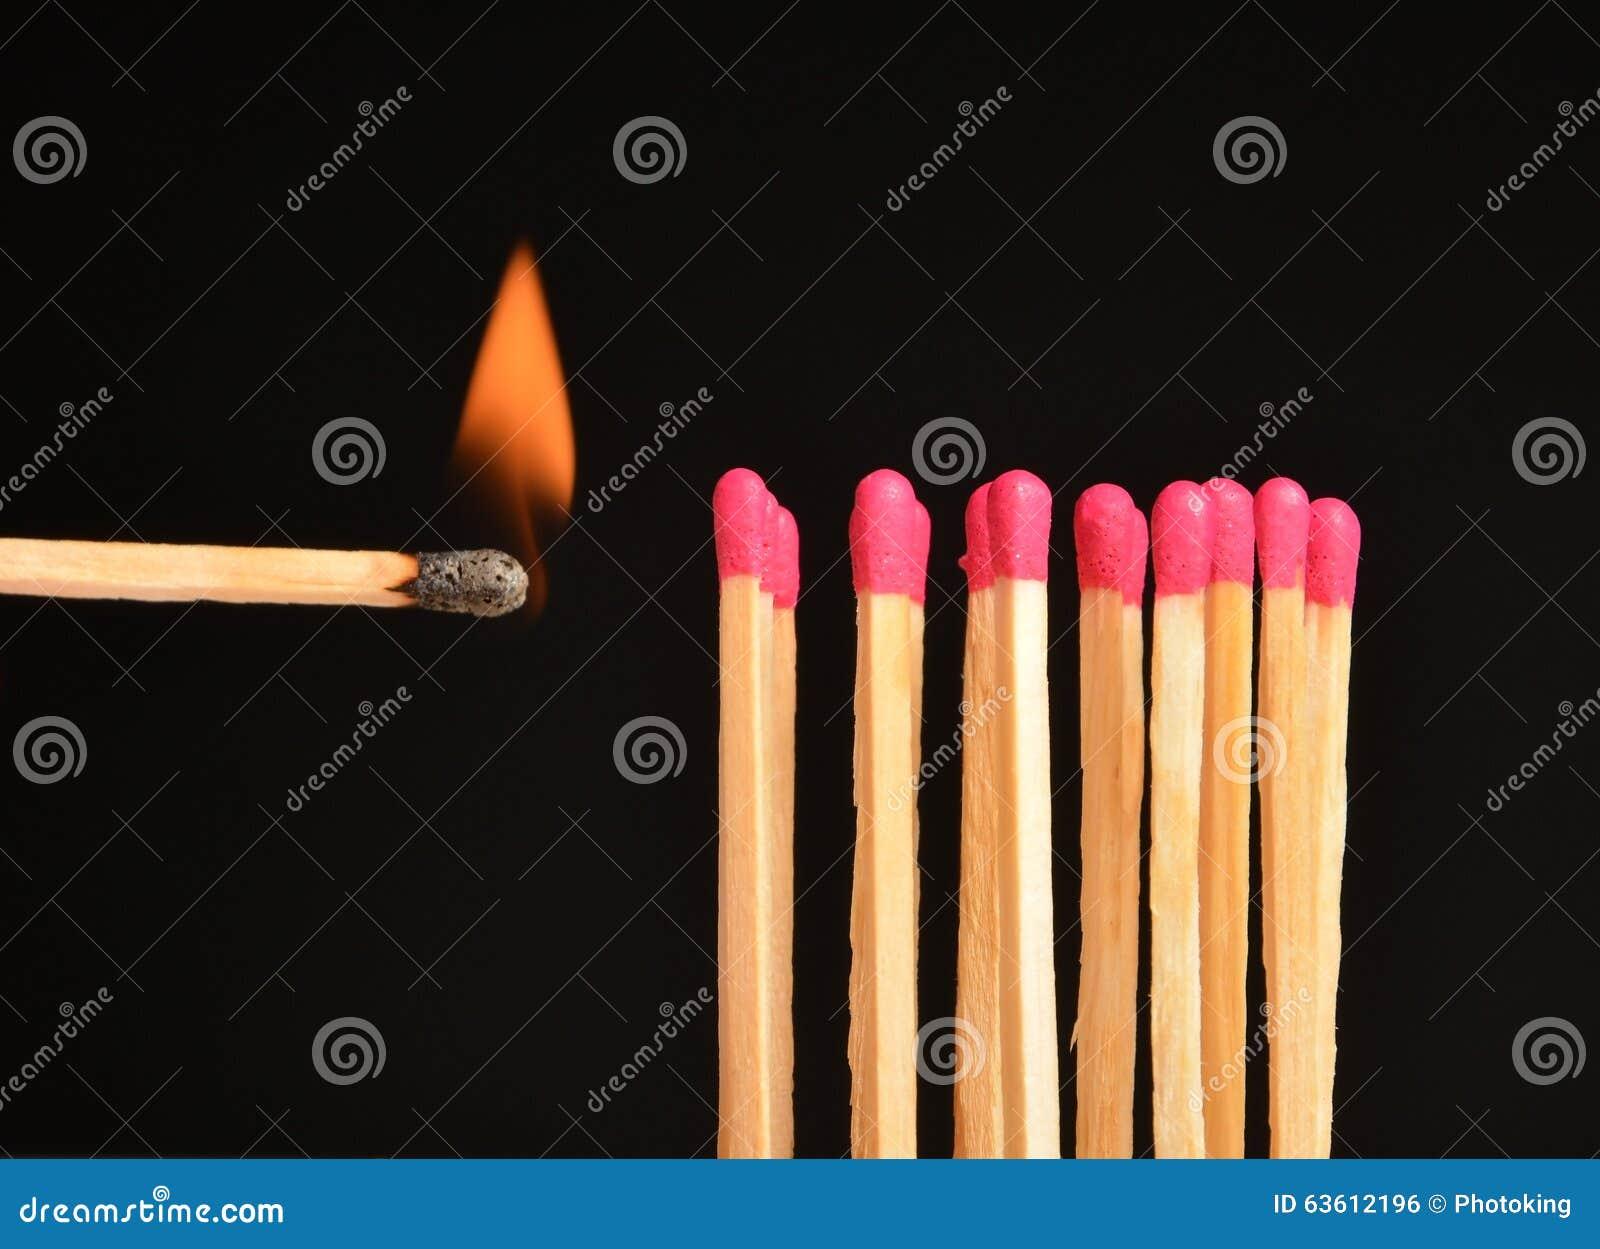 Partido de la quemadura